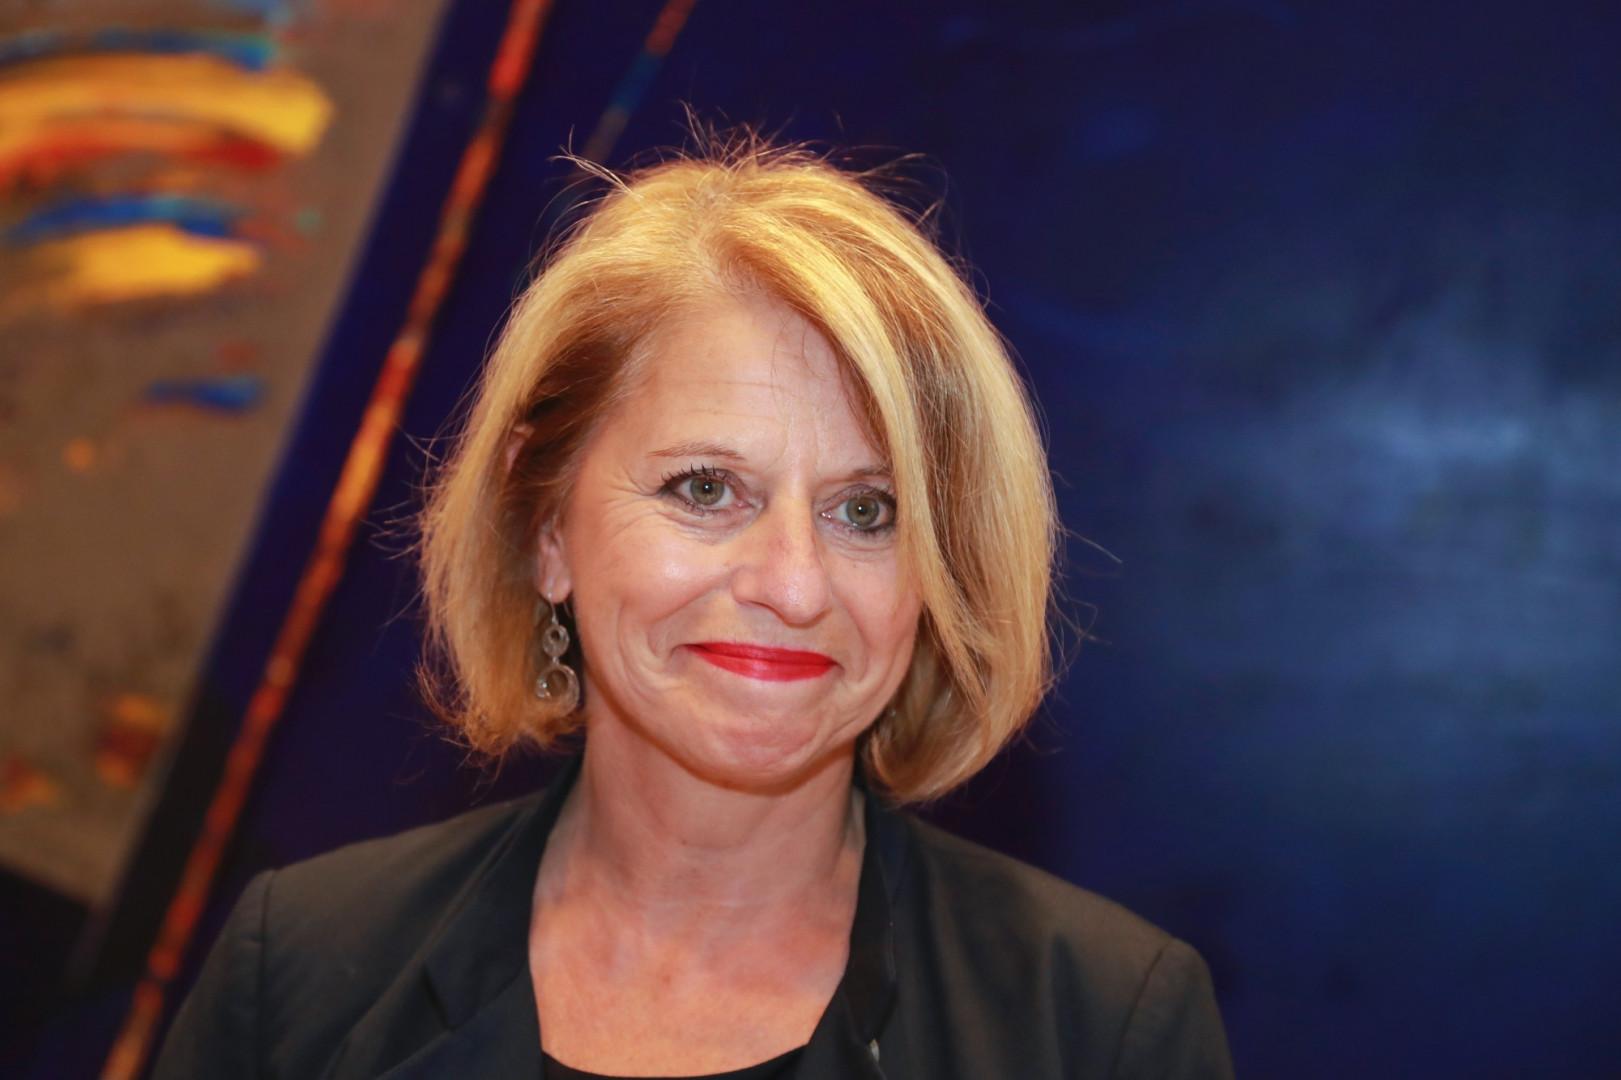 La députée Brigitte Bourguignon a été nommée ministre déléguée chargée de l'Autonomie